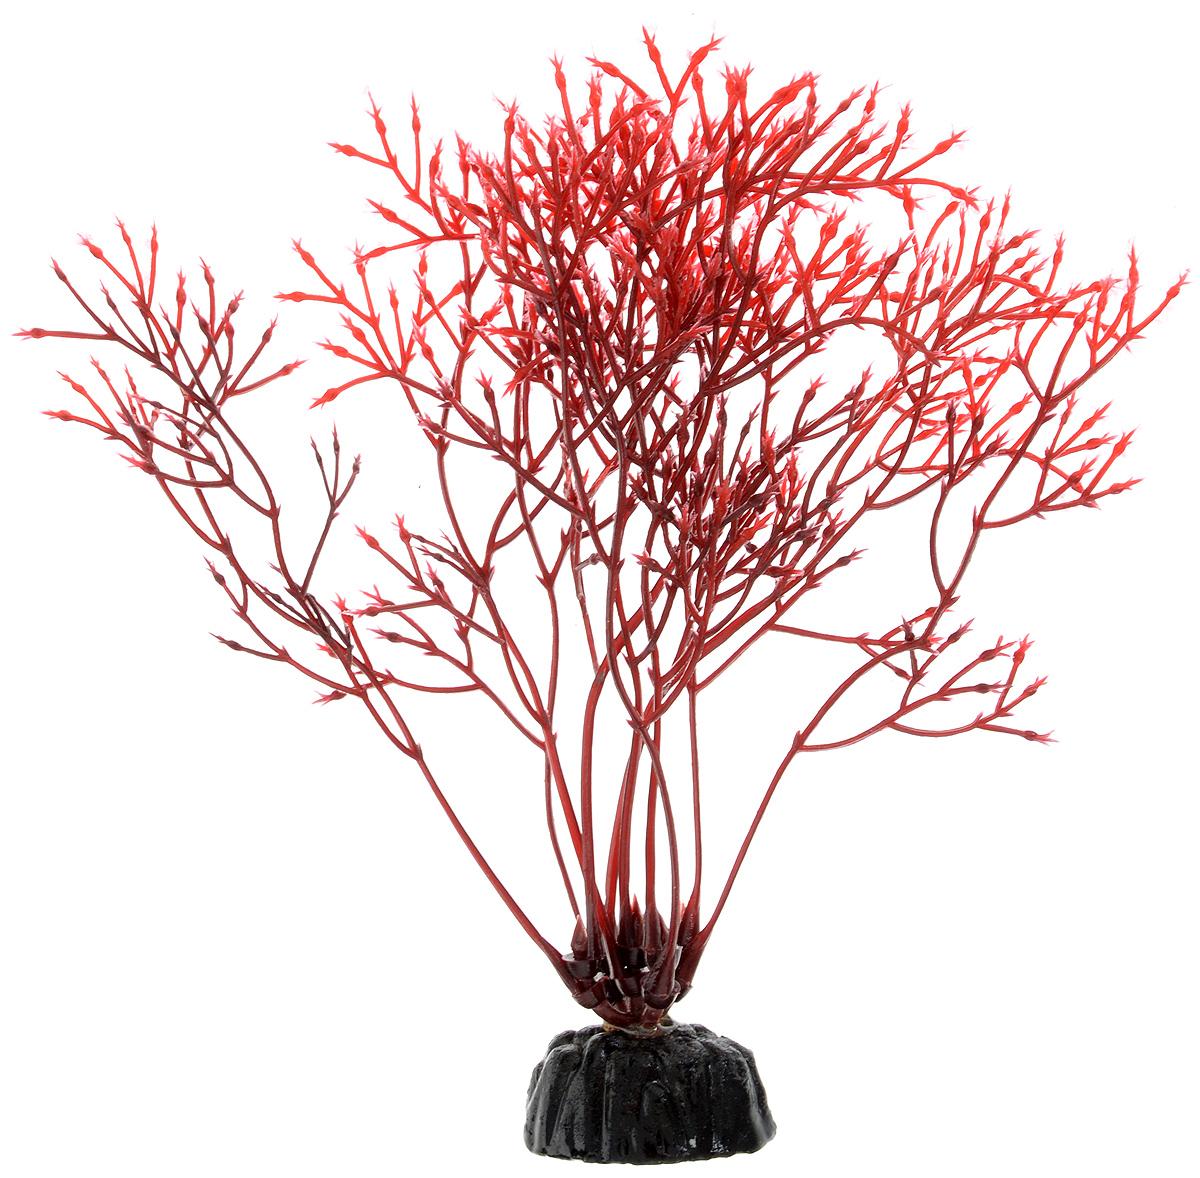 Растение для аквариума Barbus Горгонария, пластиковое, цвет: красный, высота 10 см0120710Растение для аквариума Barbus Горгонария, выполненное из качественного пластика, станет оригинальным украшением вашего аквариума. Пластиковое растение идеально подходит для дизайна всех видов аквариумов. Оно абсолютно безопасно, не токсично, нейтрально к водному балансу, устойчиво к истиранию краски, подходит как для пресноводного, так и для морского аквариума. Растение для аквариума Barbus поможет вам смоделировать потрясающий пейзаж на дне вашего аквариума или террариума. Высота растения: 10 см.